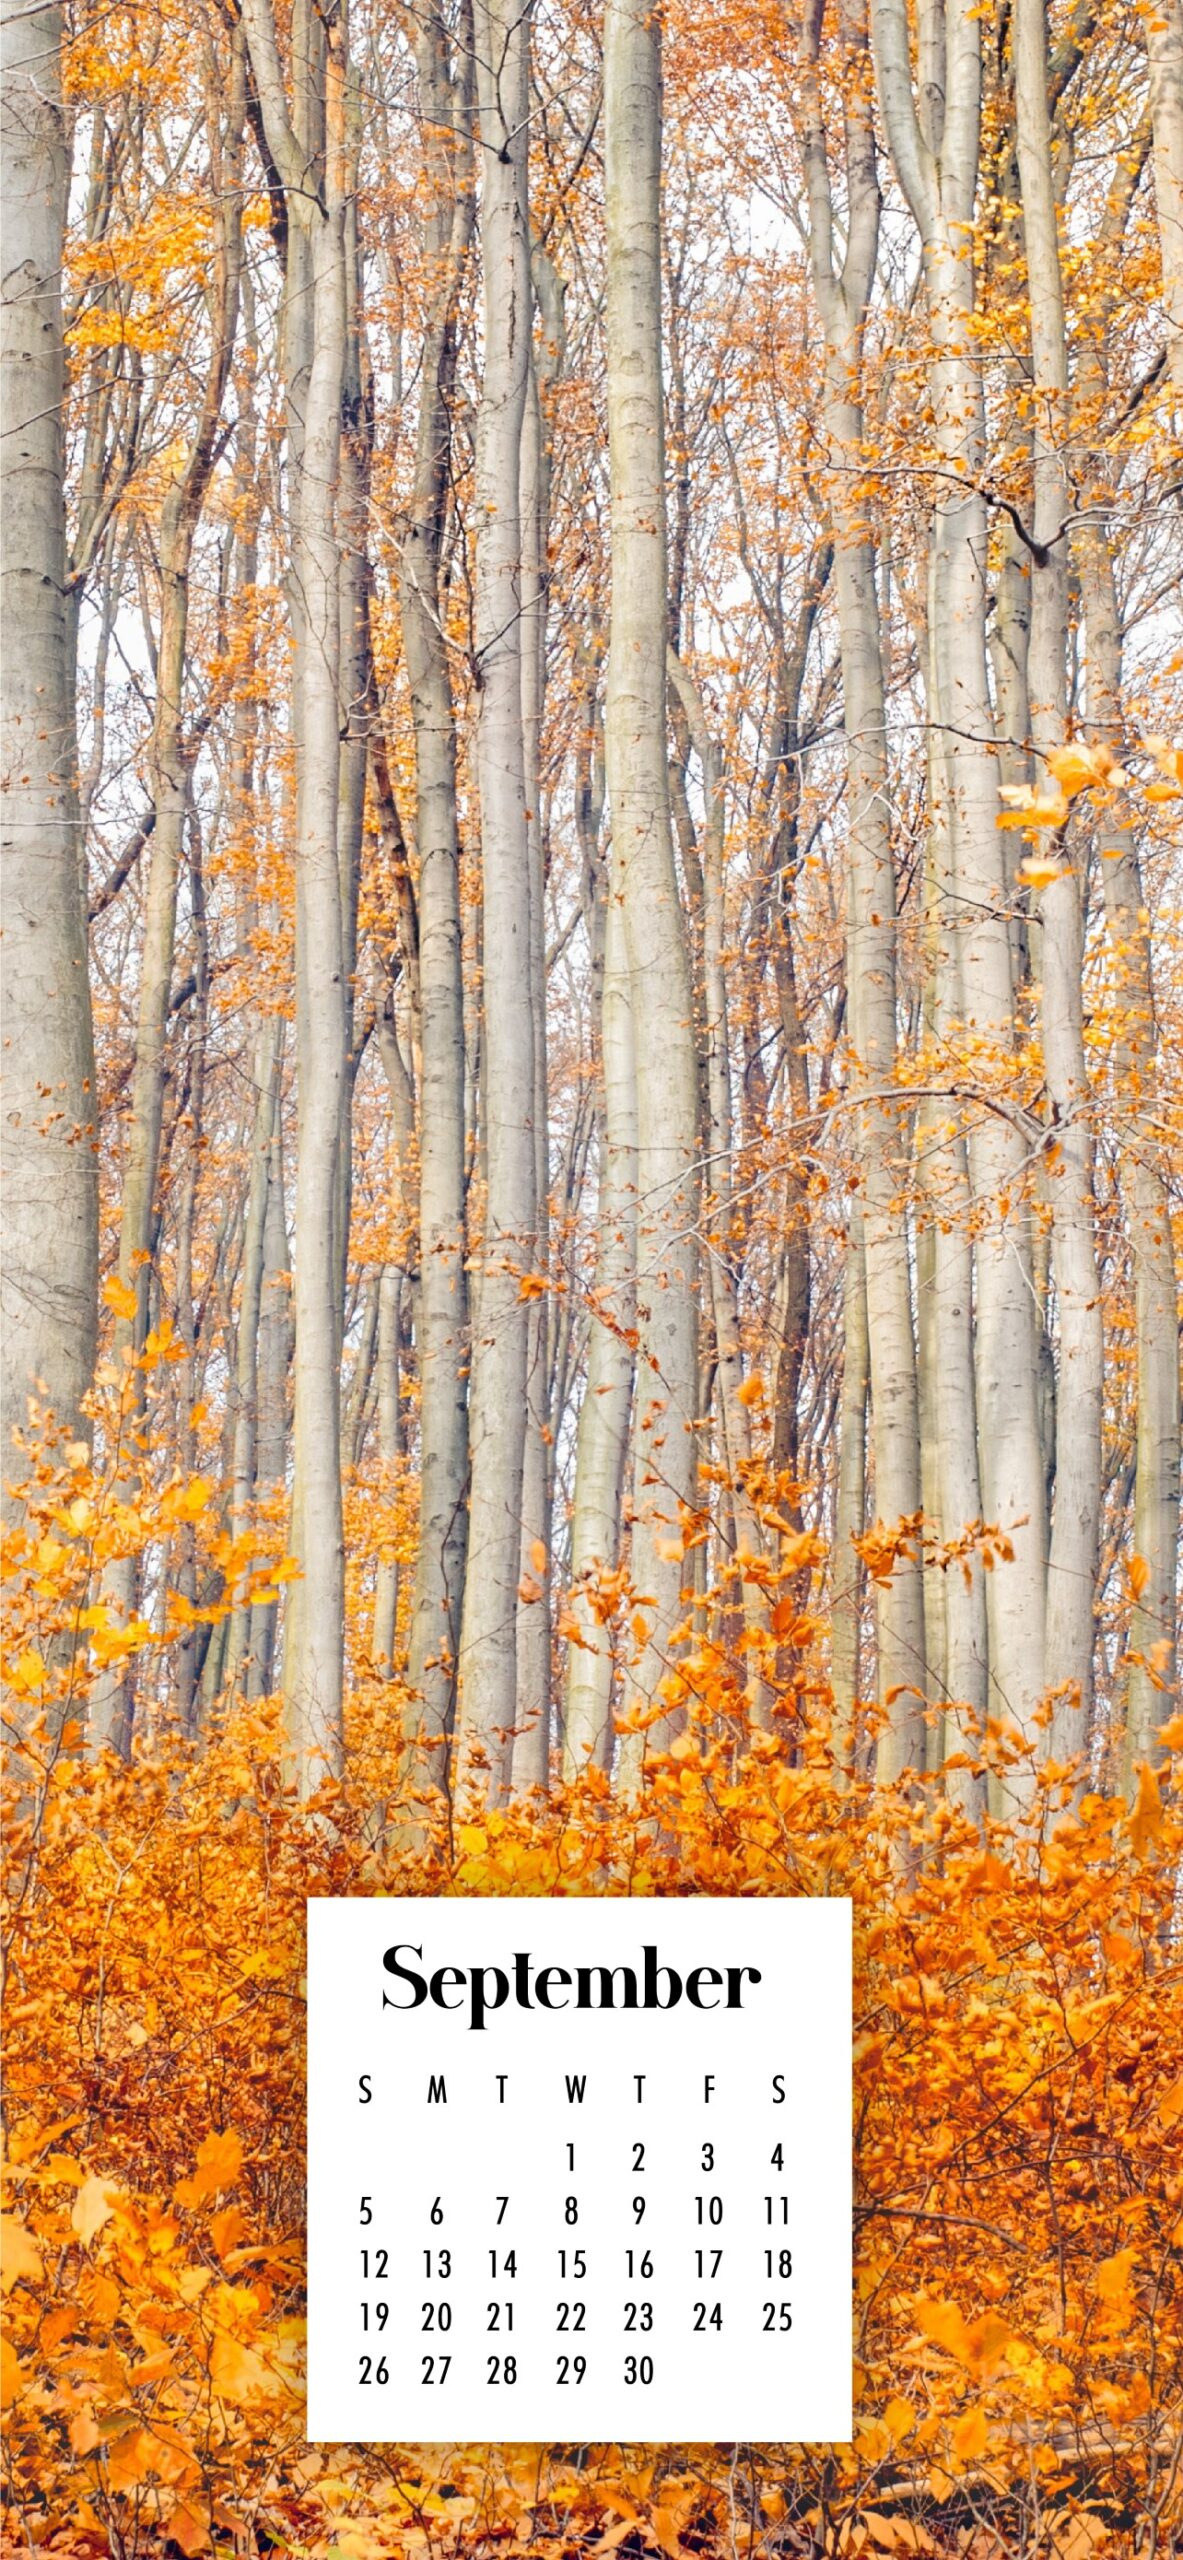 September Calendar Wallpaper   38 Best Desktop Phone Backgrounds 1183x2560